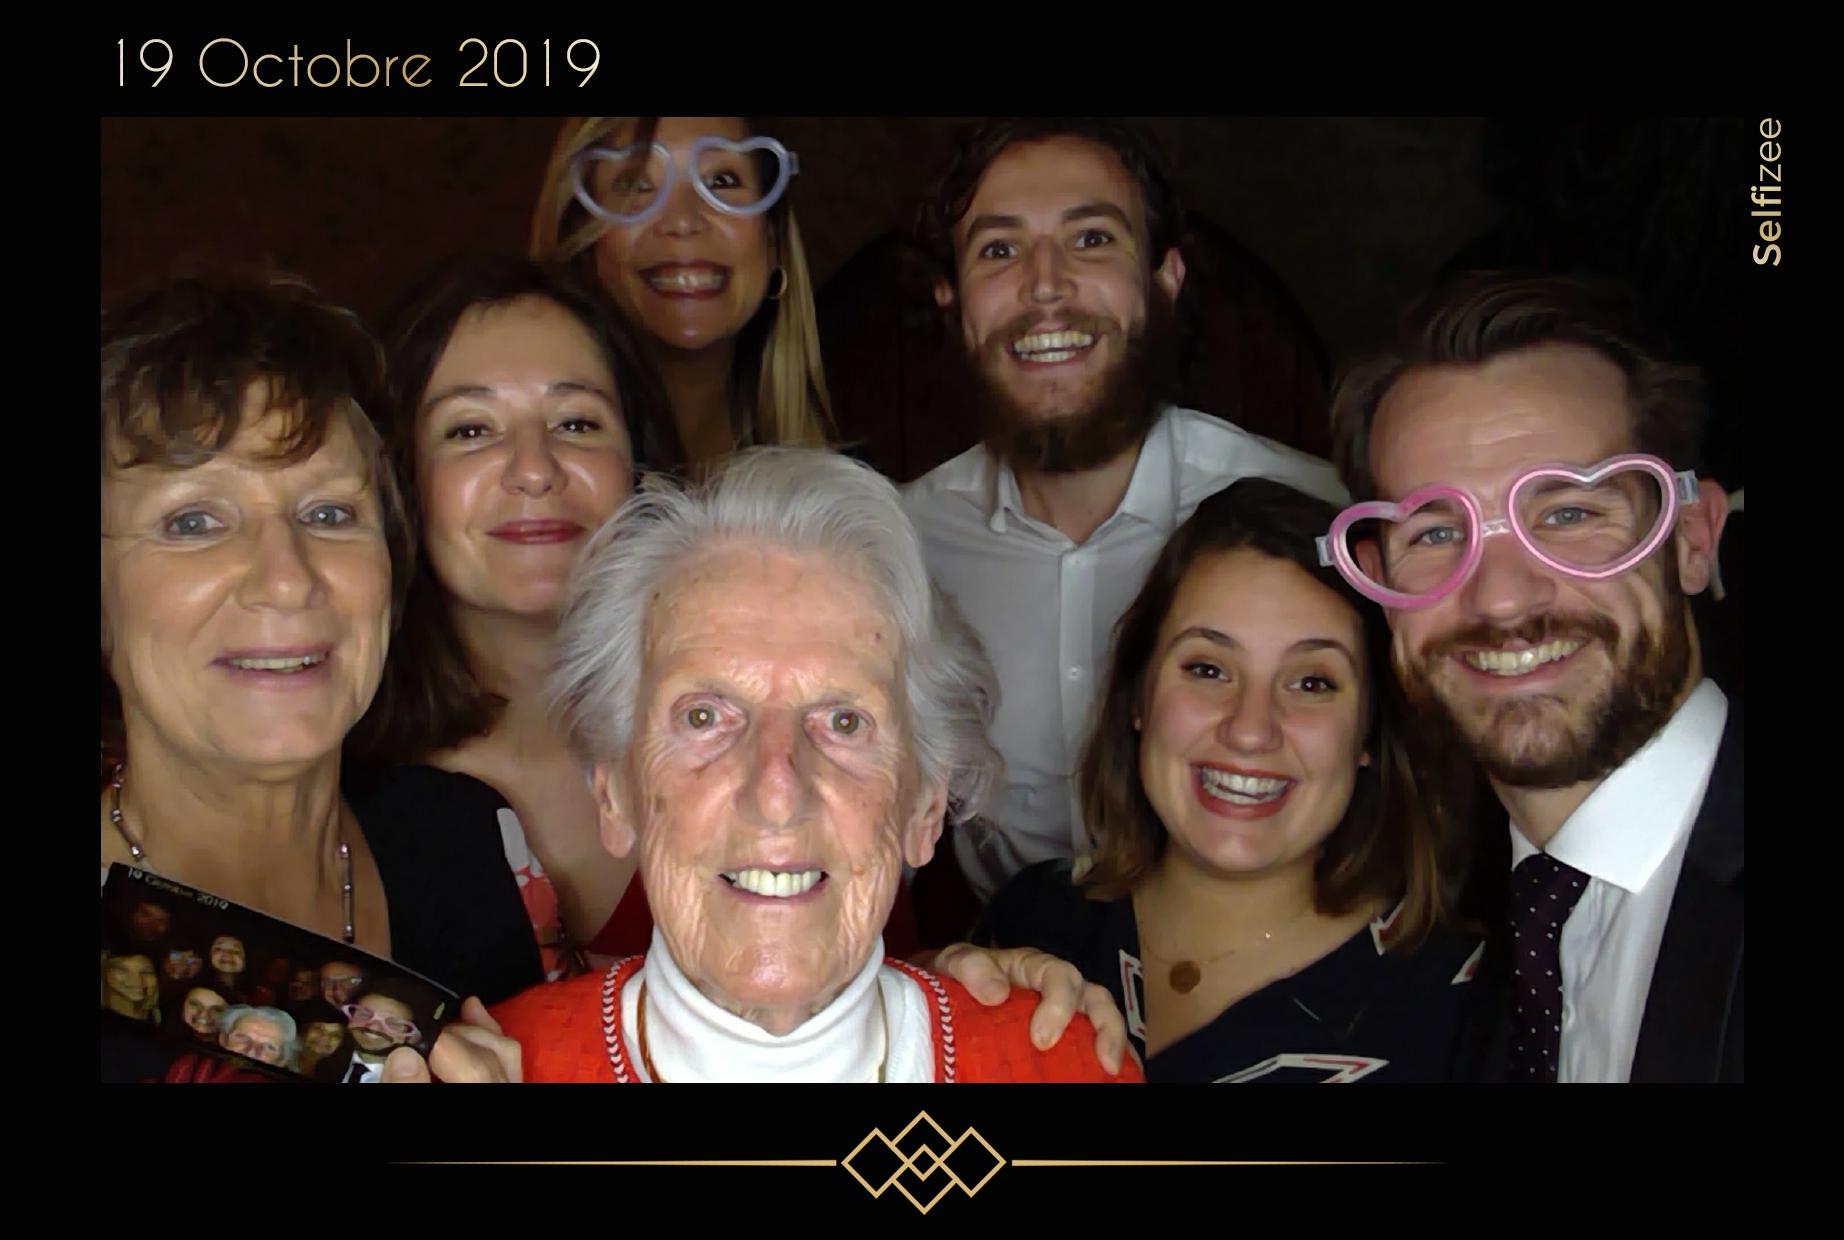 Animation photo personnalisée mariage Troyes avec photobooth connecté - location borne photo Troyes / Aube pour animation mariage, anniversaire, fête, baptême, soirée avec impressions selfies